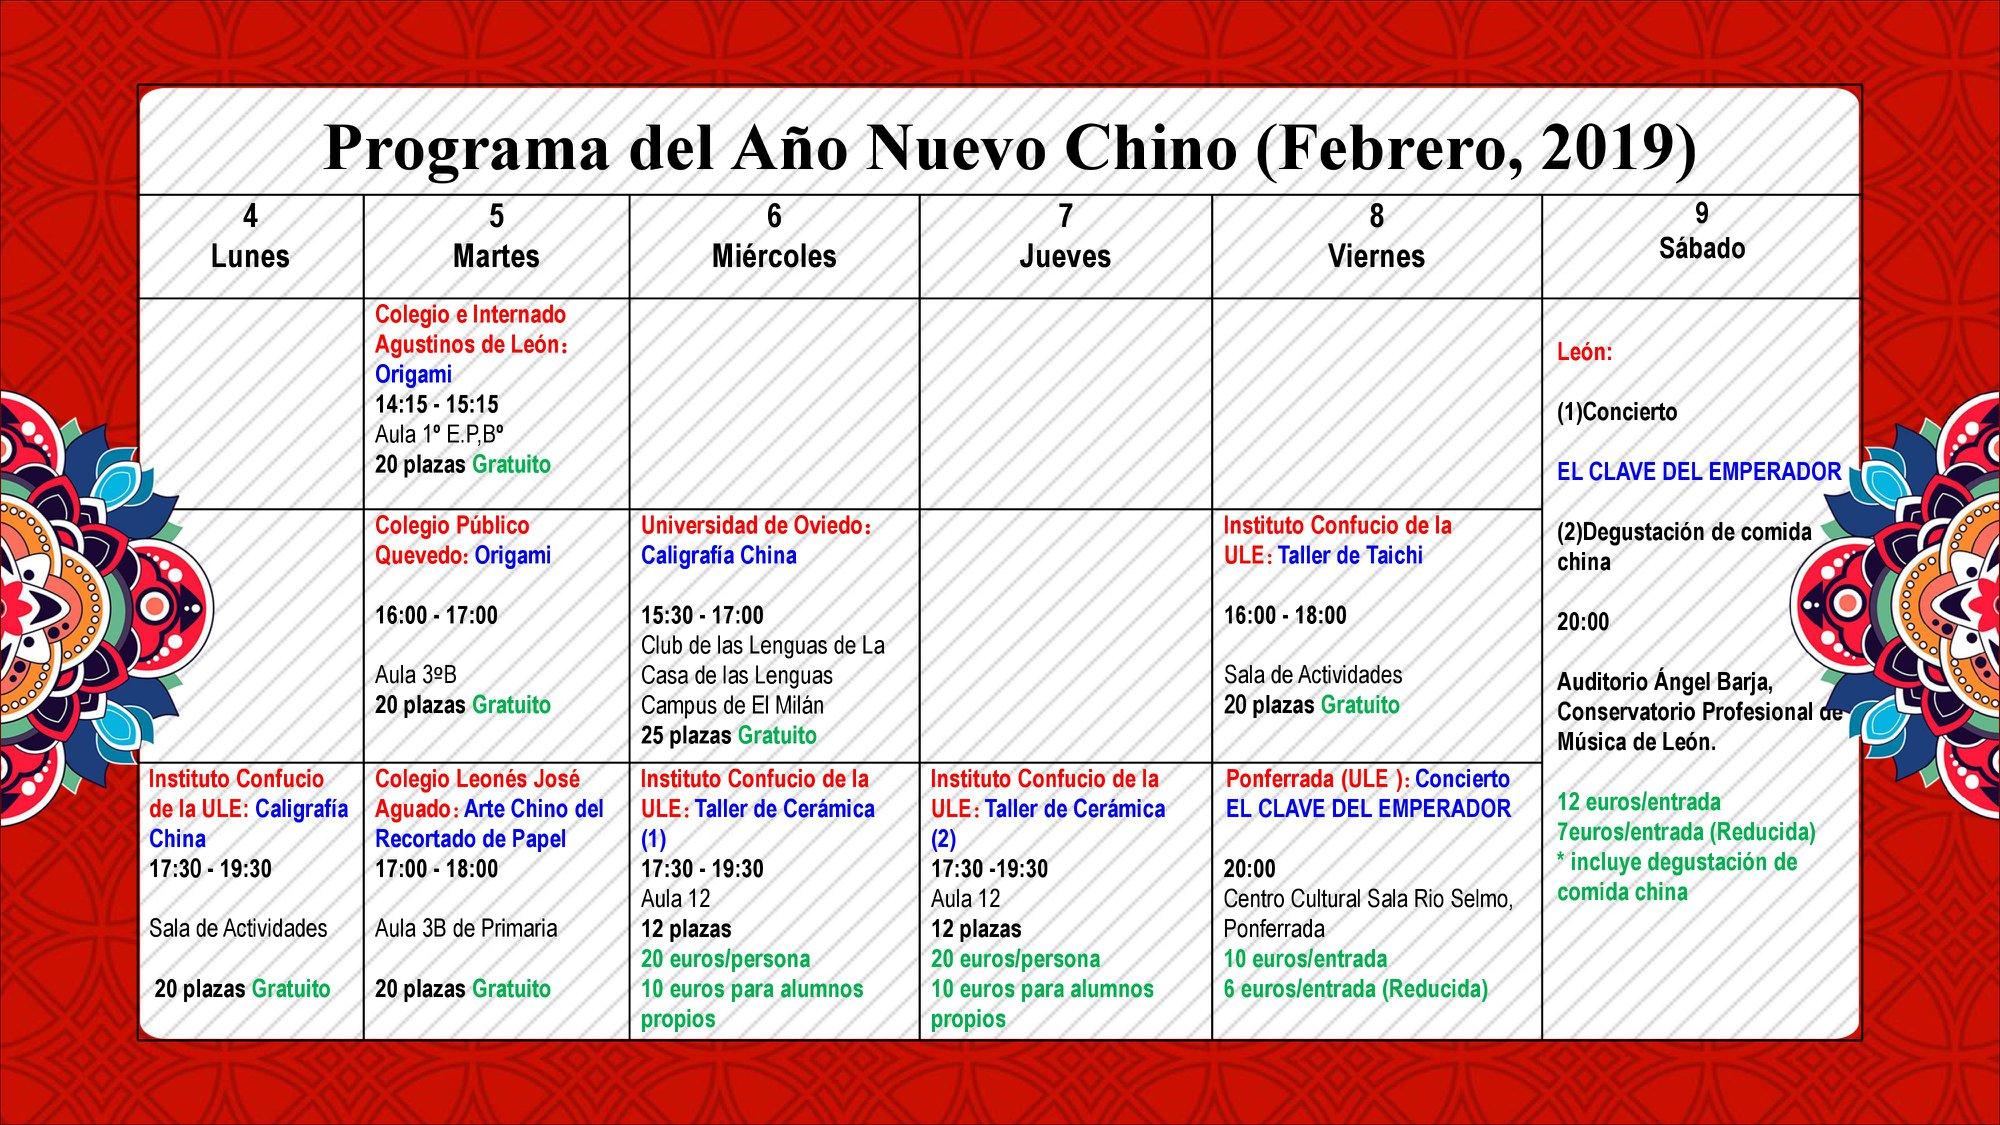 Programa Actividades - Año Nuevo Chino 2019 - imagen 3